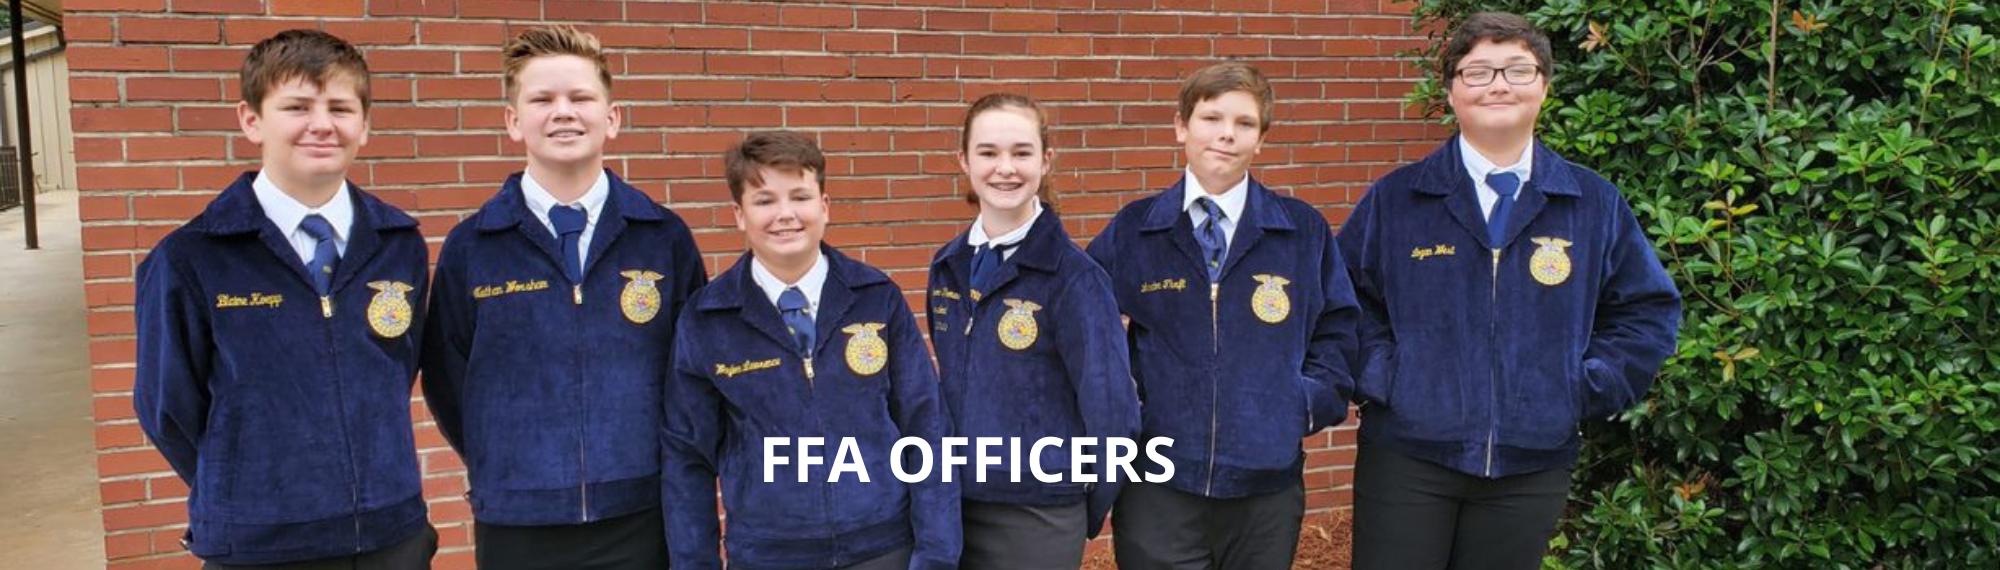 FFA Officers 2021-2022